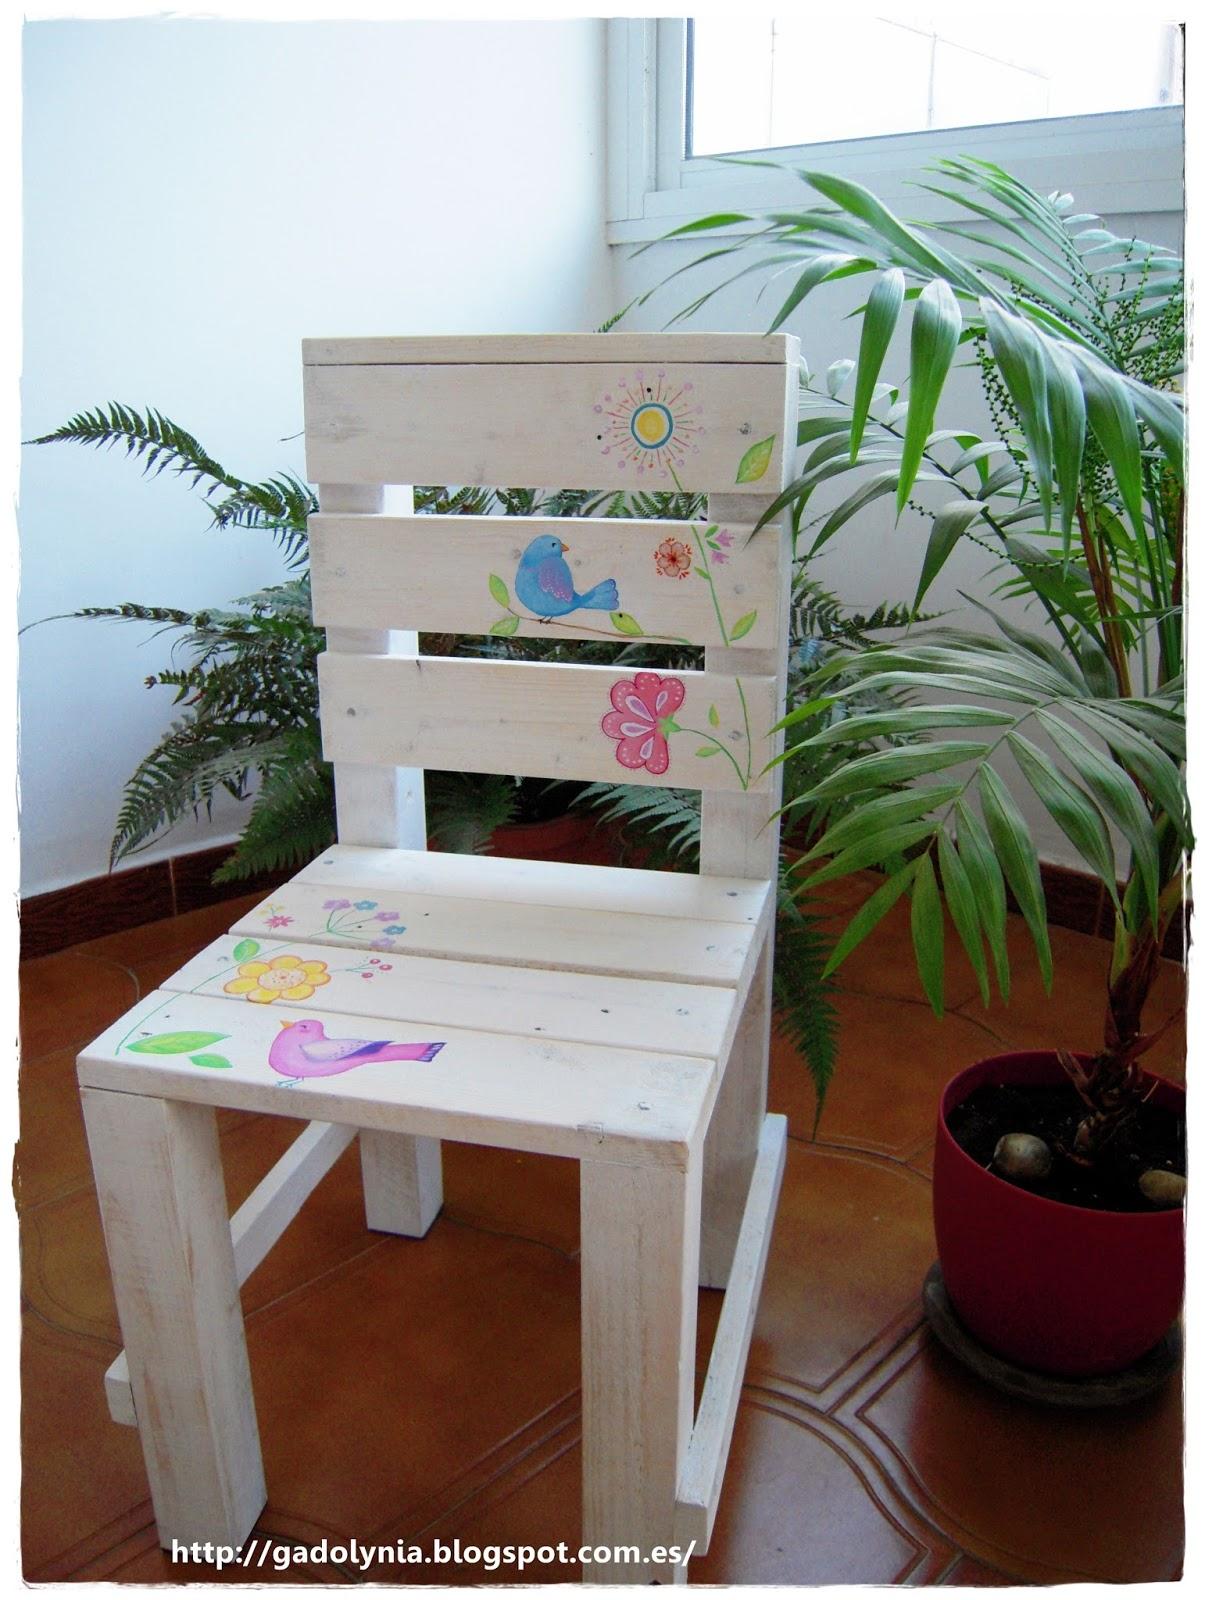 Gadolynia silla infantil decorada - Silla infantil madera ...